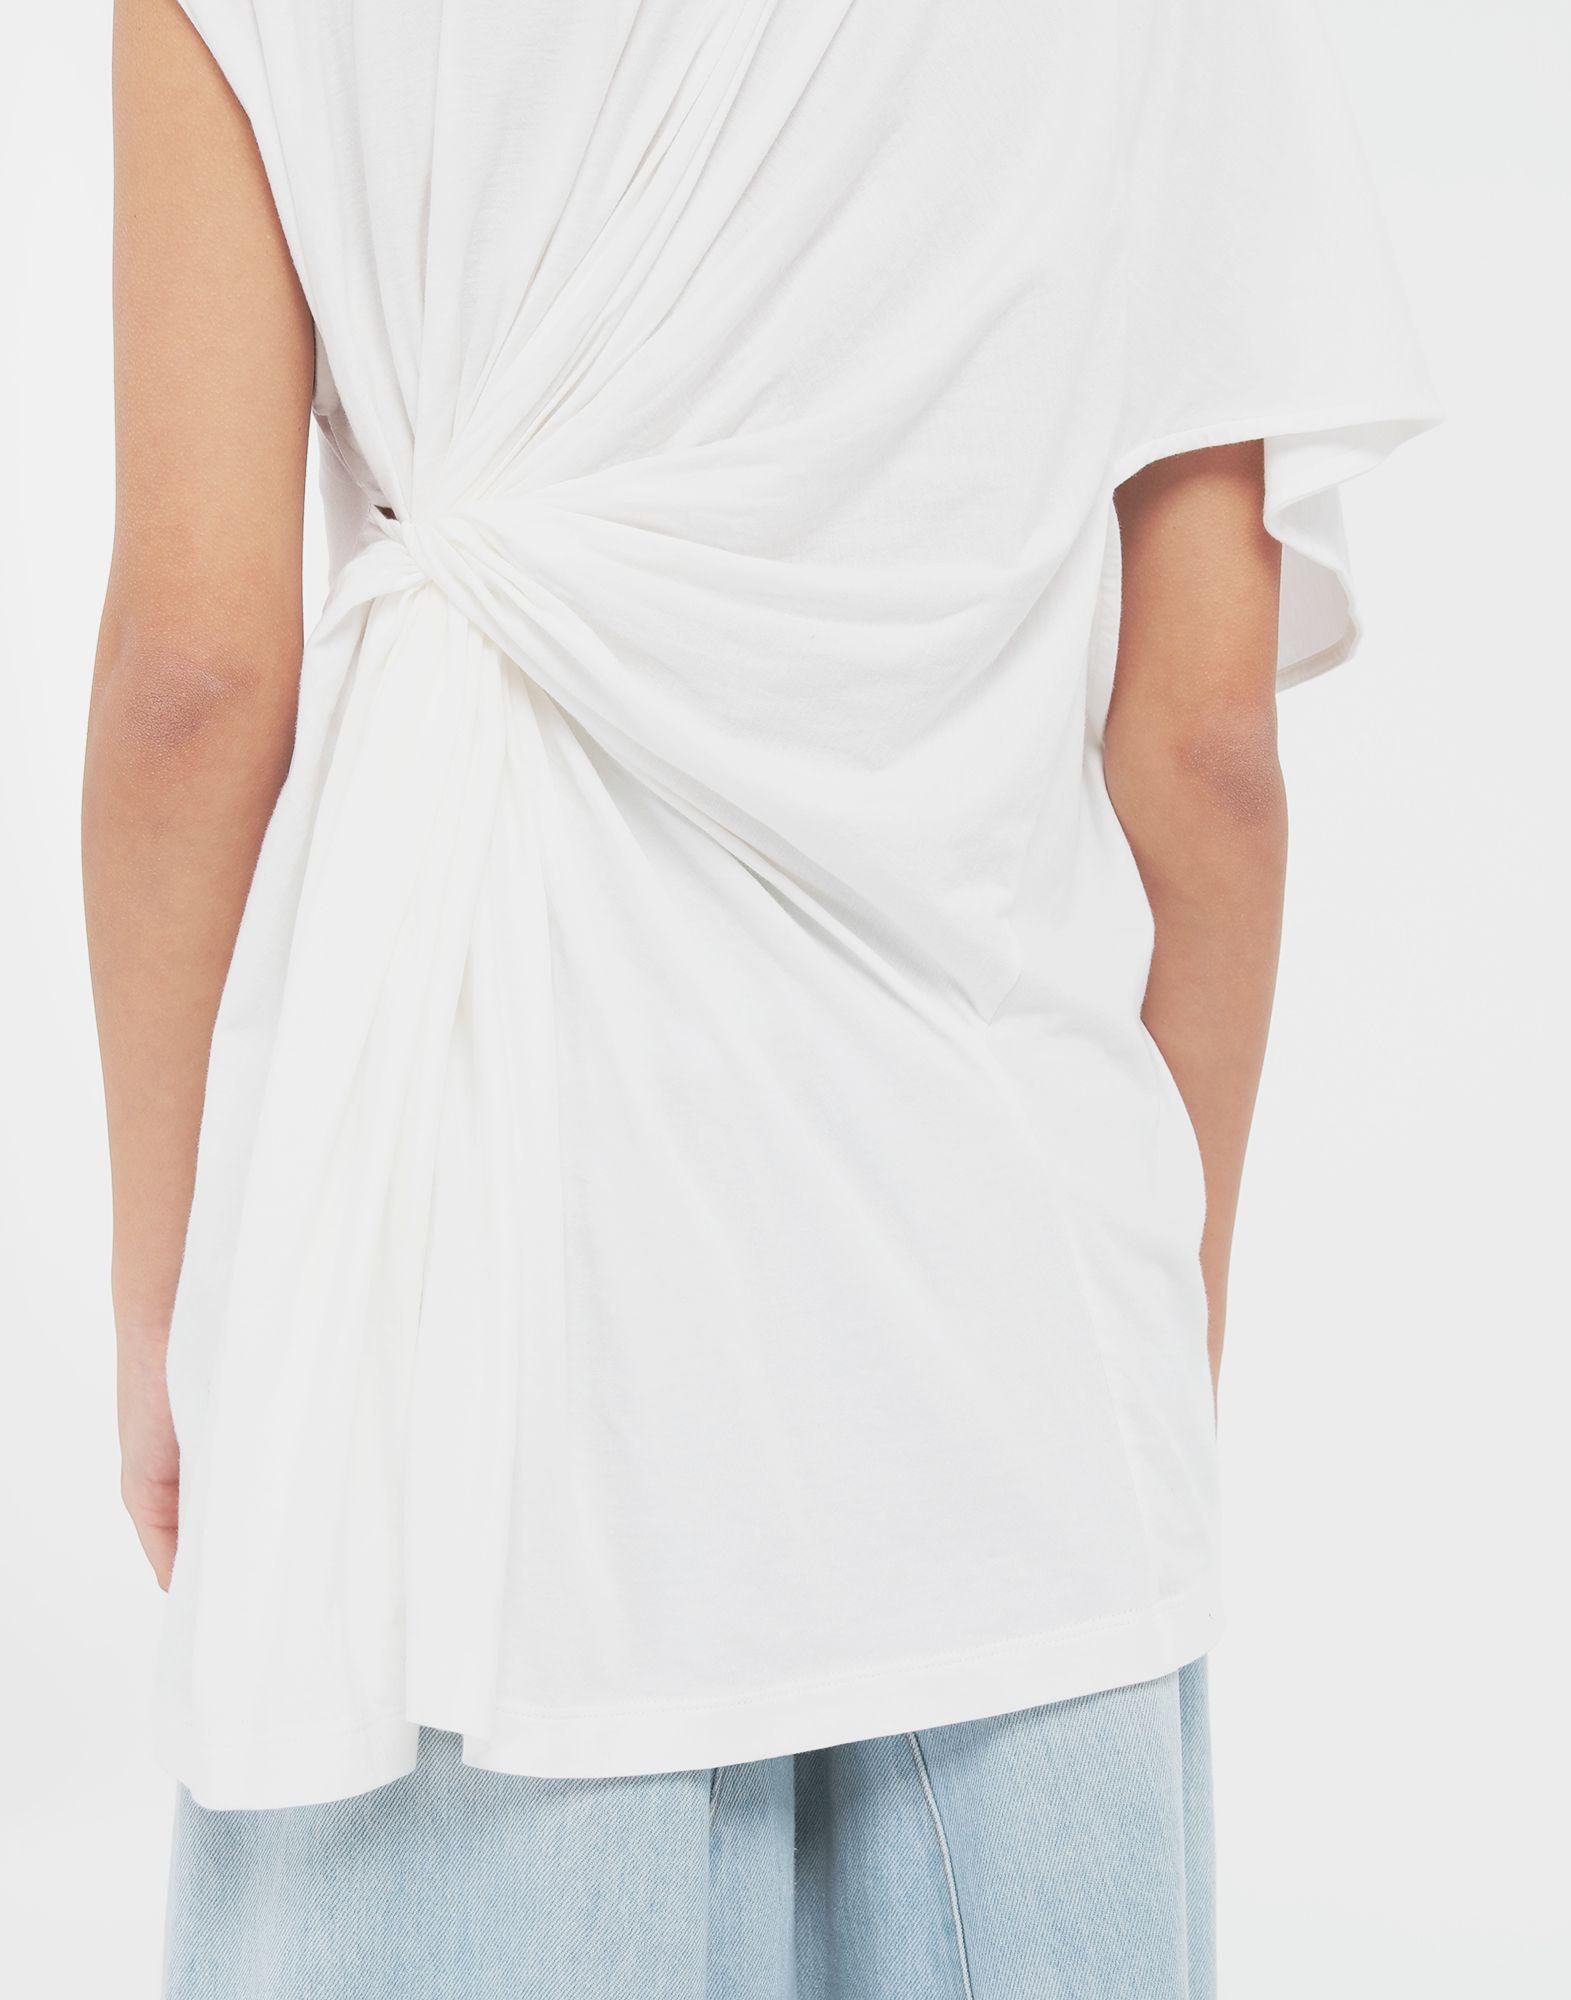 MM6 MAISON MARGIELA Asymmetrical jersey shirt Short sleeve t-shirt Woman b